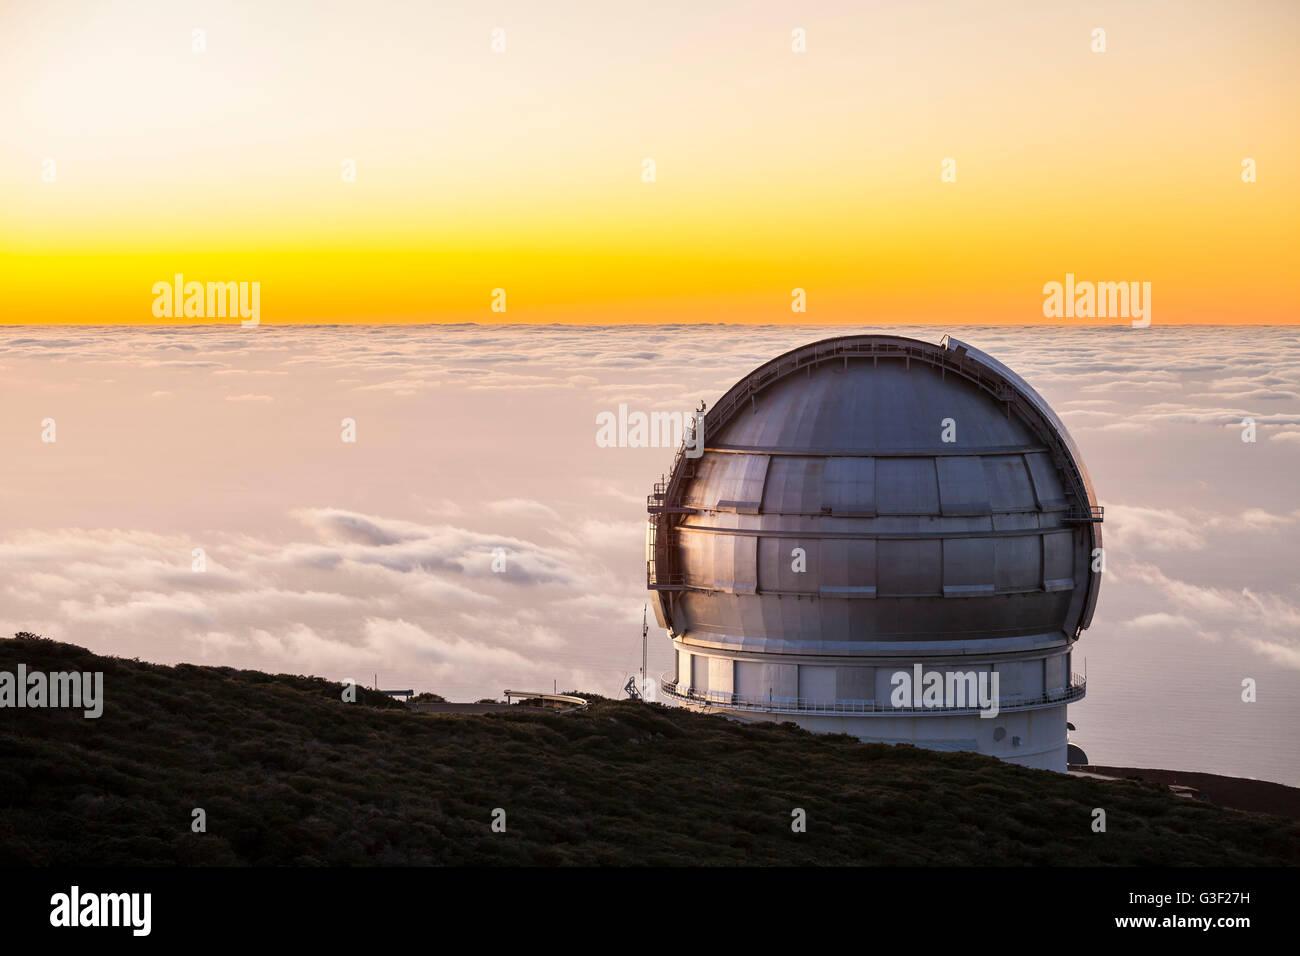 Grain Telescopio Canarias (GTC), observatory on Roque de Los Muchachos, La Palma, Canary Islands, Spain, Europe - Stock Image